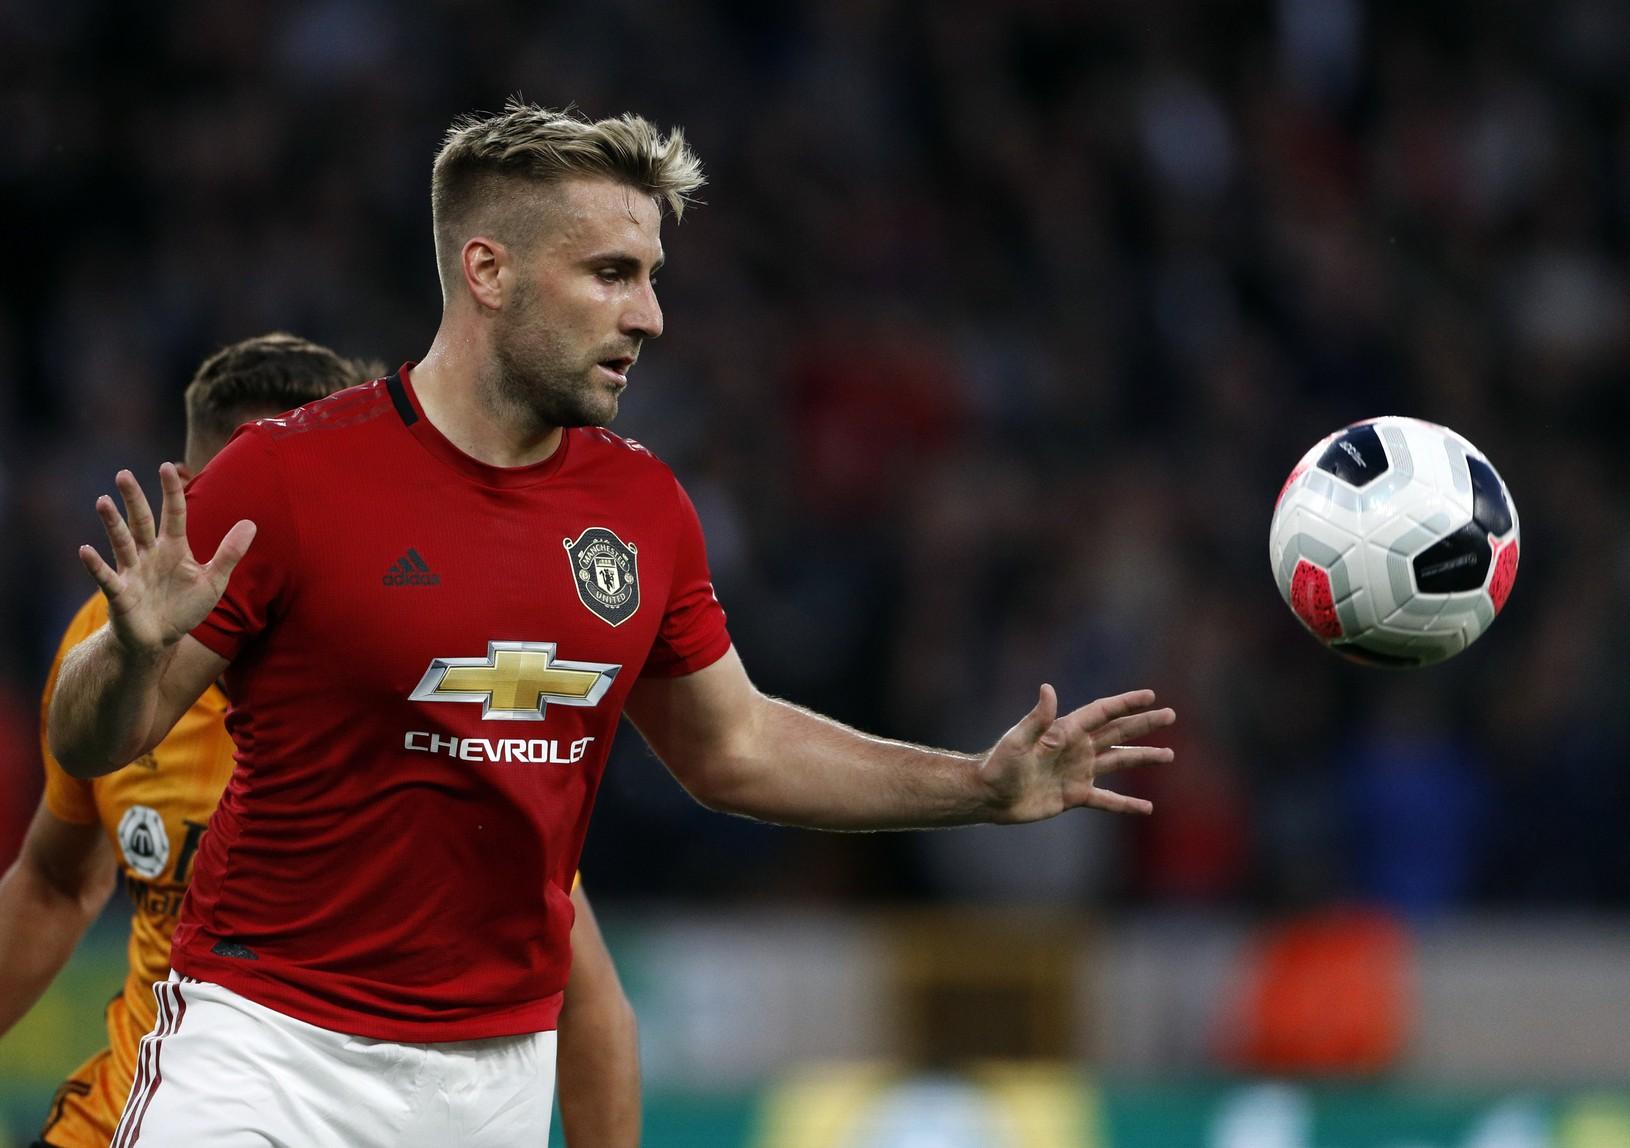 Futbalista Manchestru United Luke